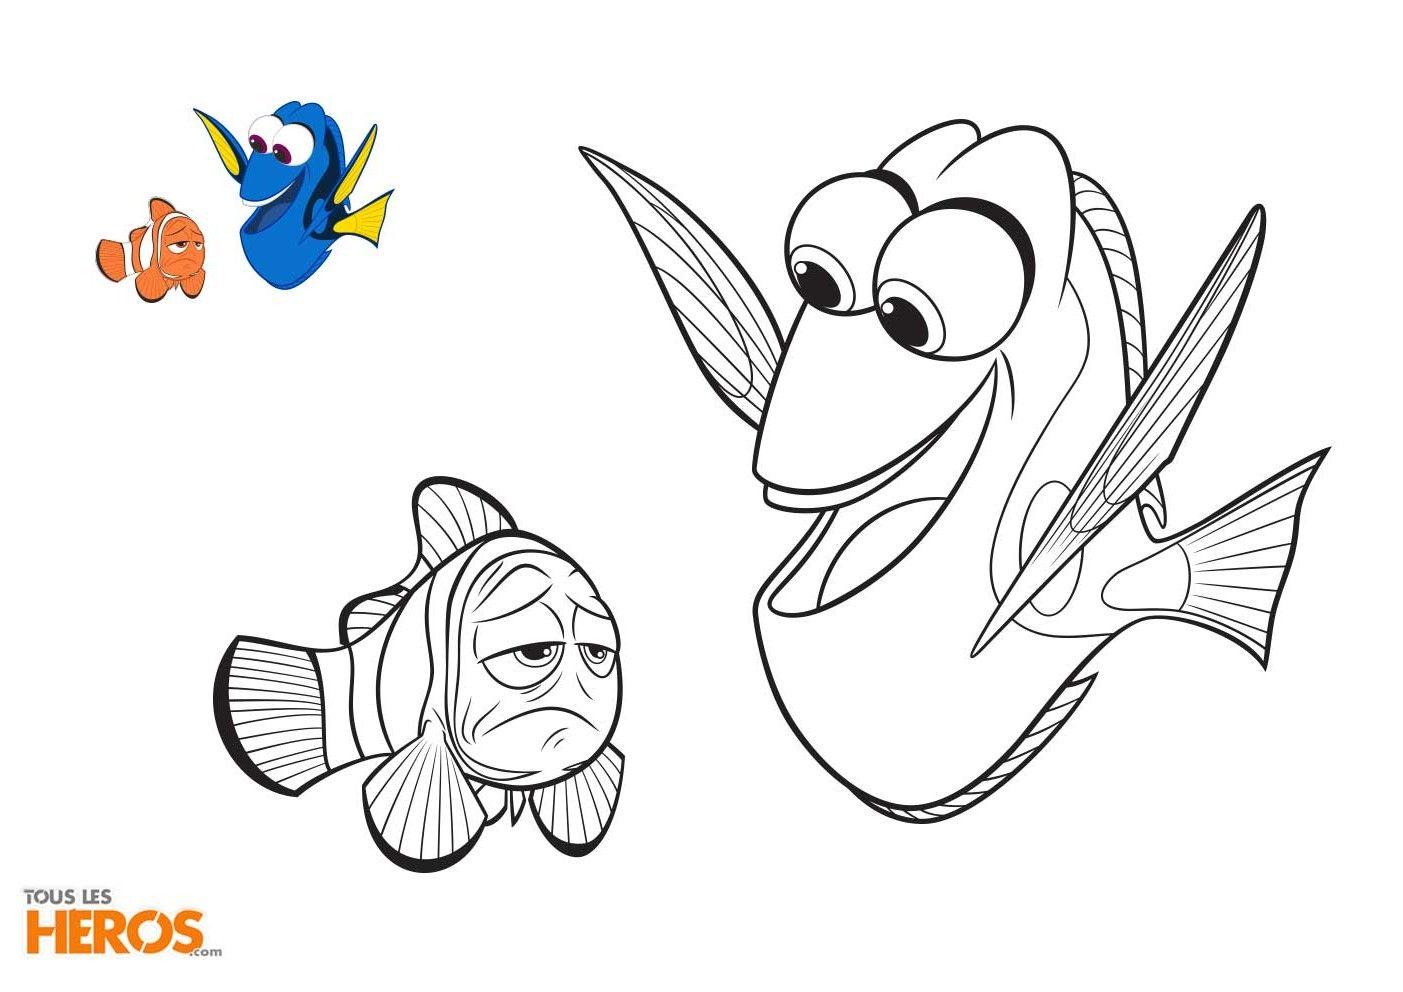 Rejoignez les poissons Nemo et Dory et tous leurs amis dans leurs ...